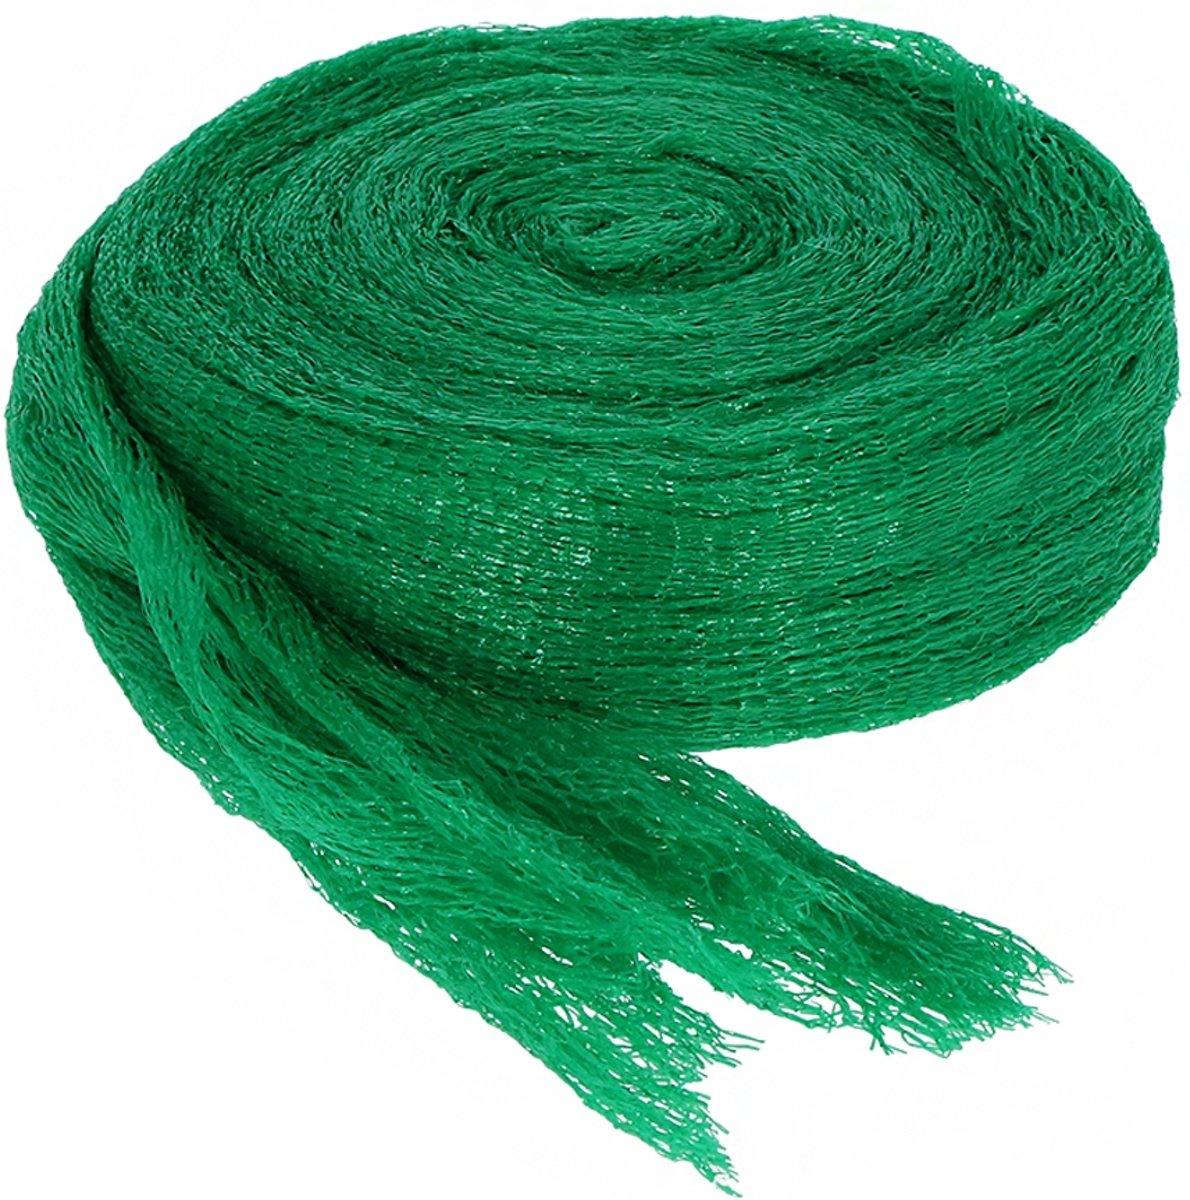 Green Arrow tuinnet 4x10 meter kopen